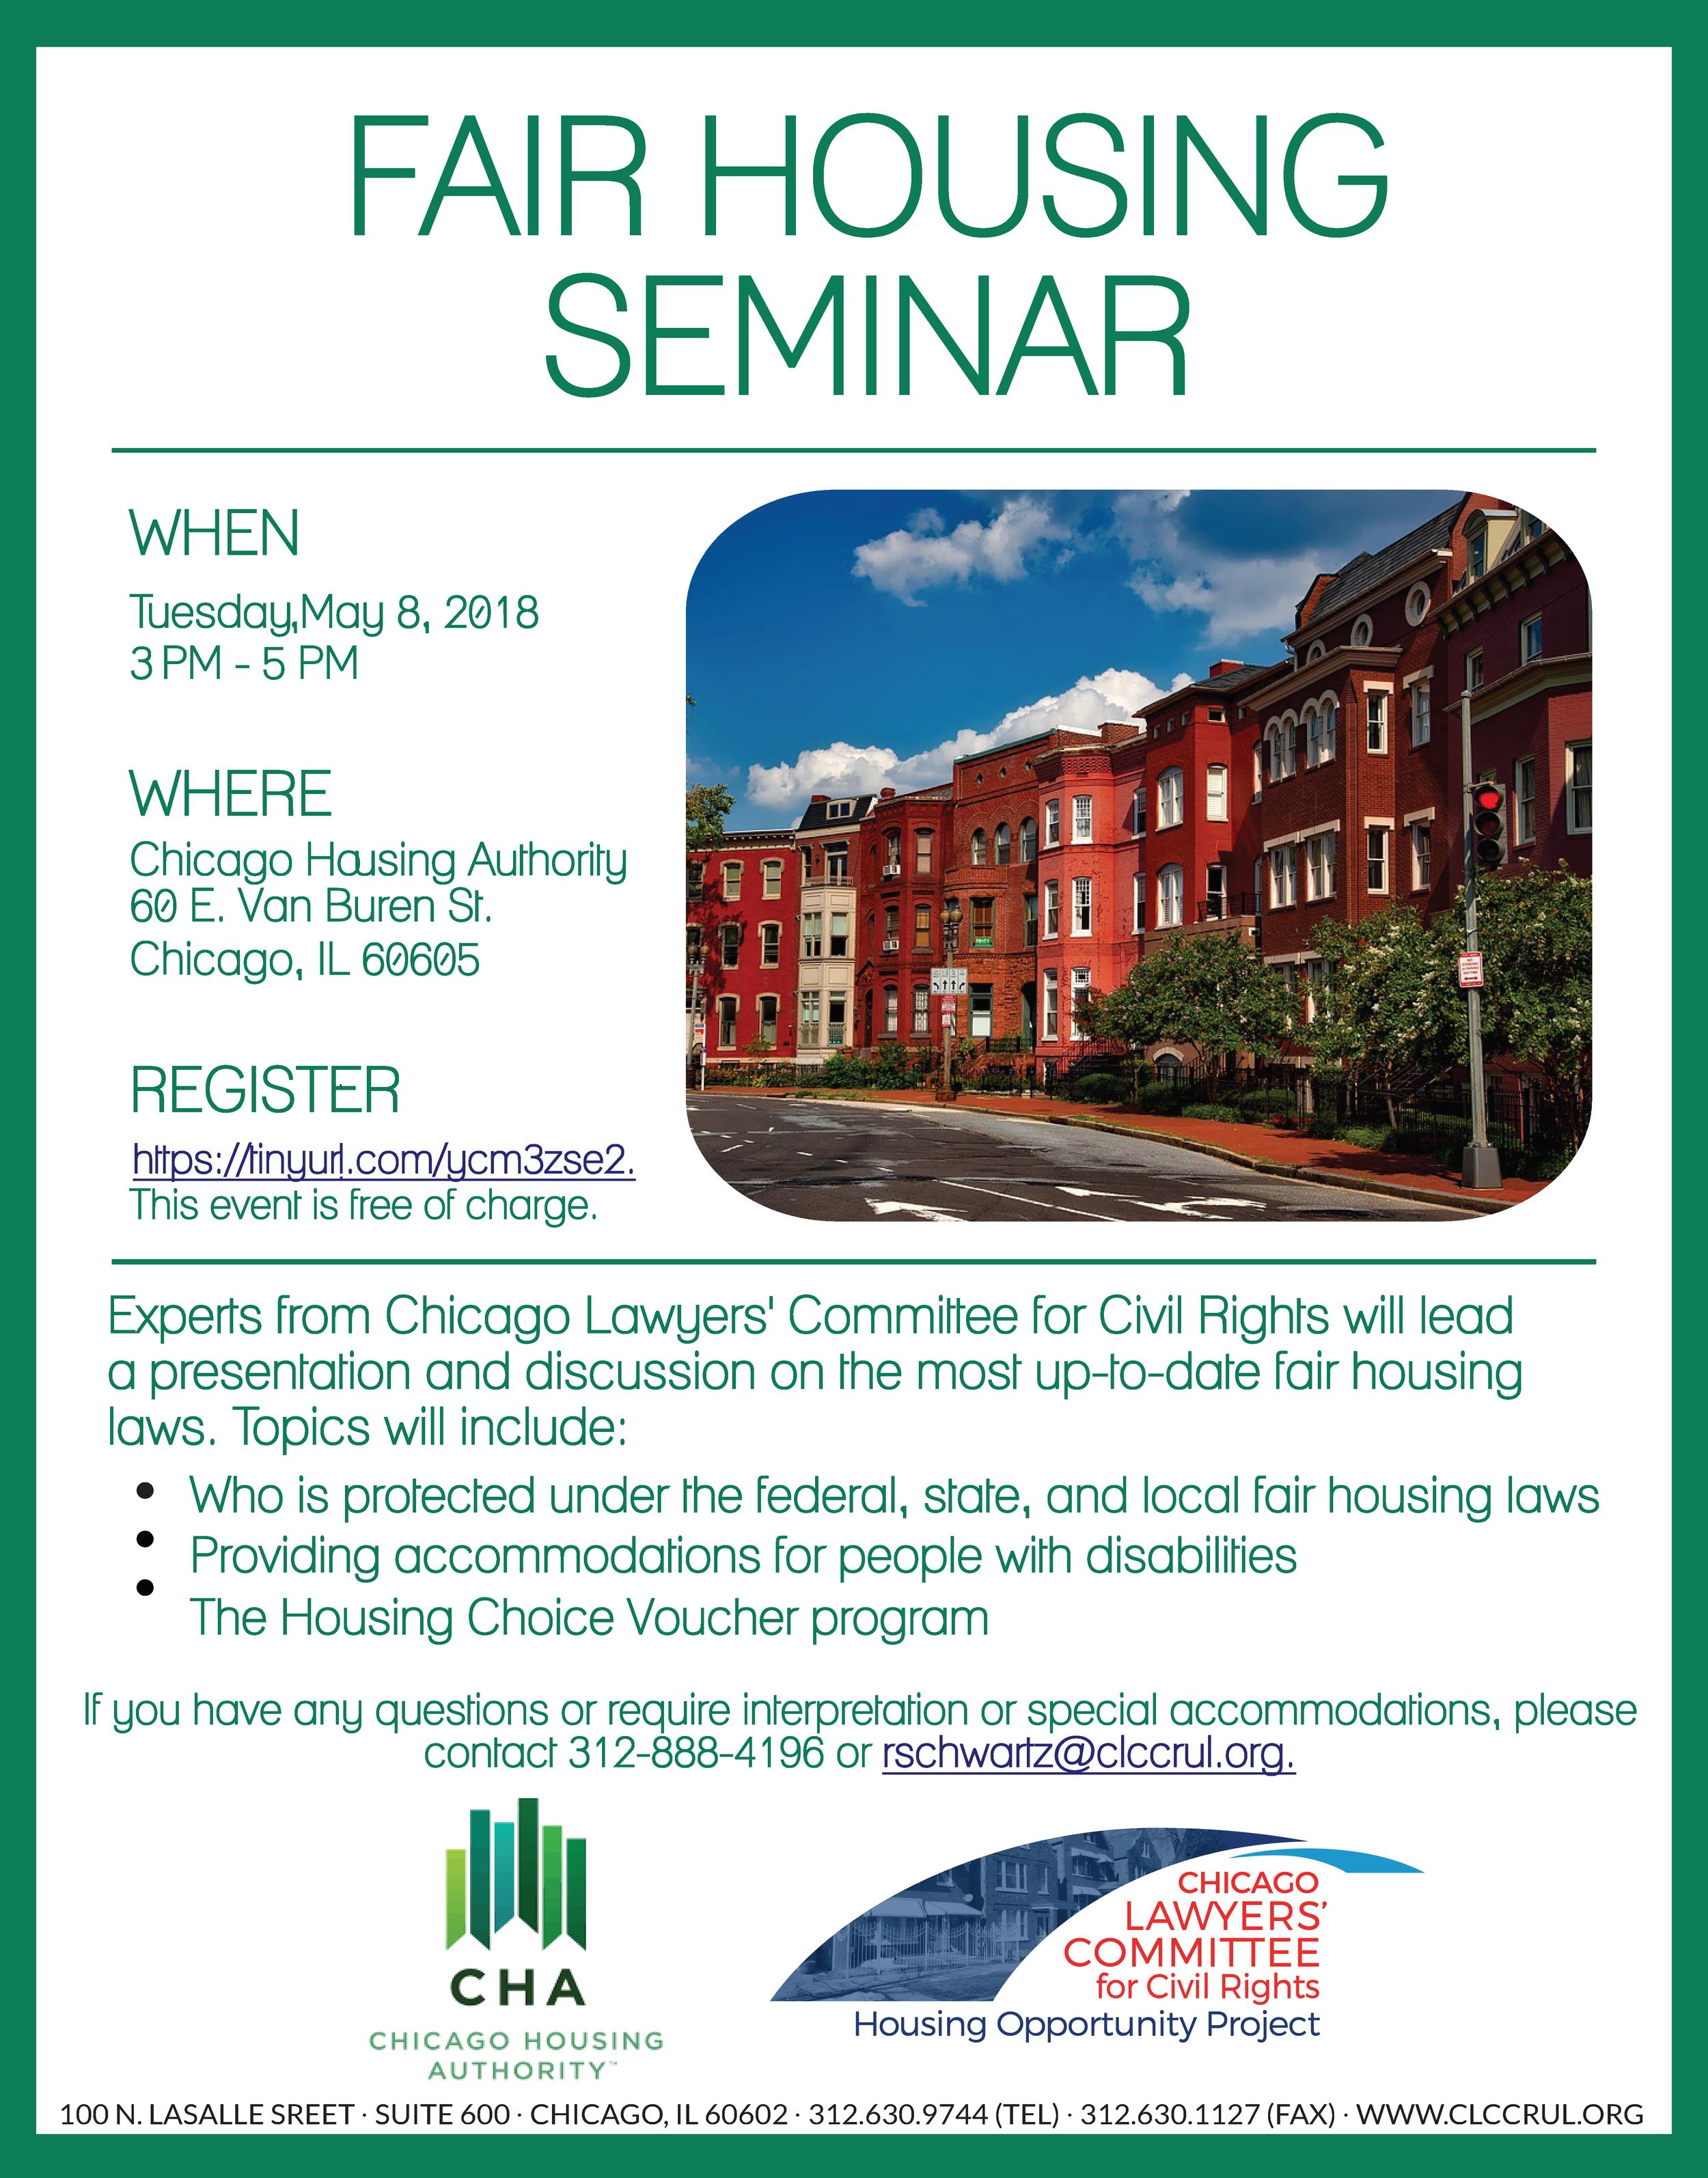 CHA Fair Housing Seminar 5.8.2018.png